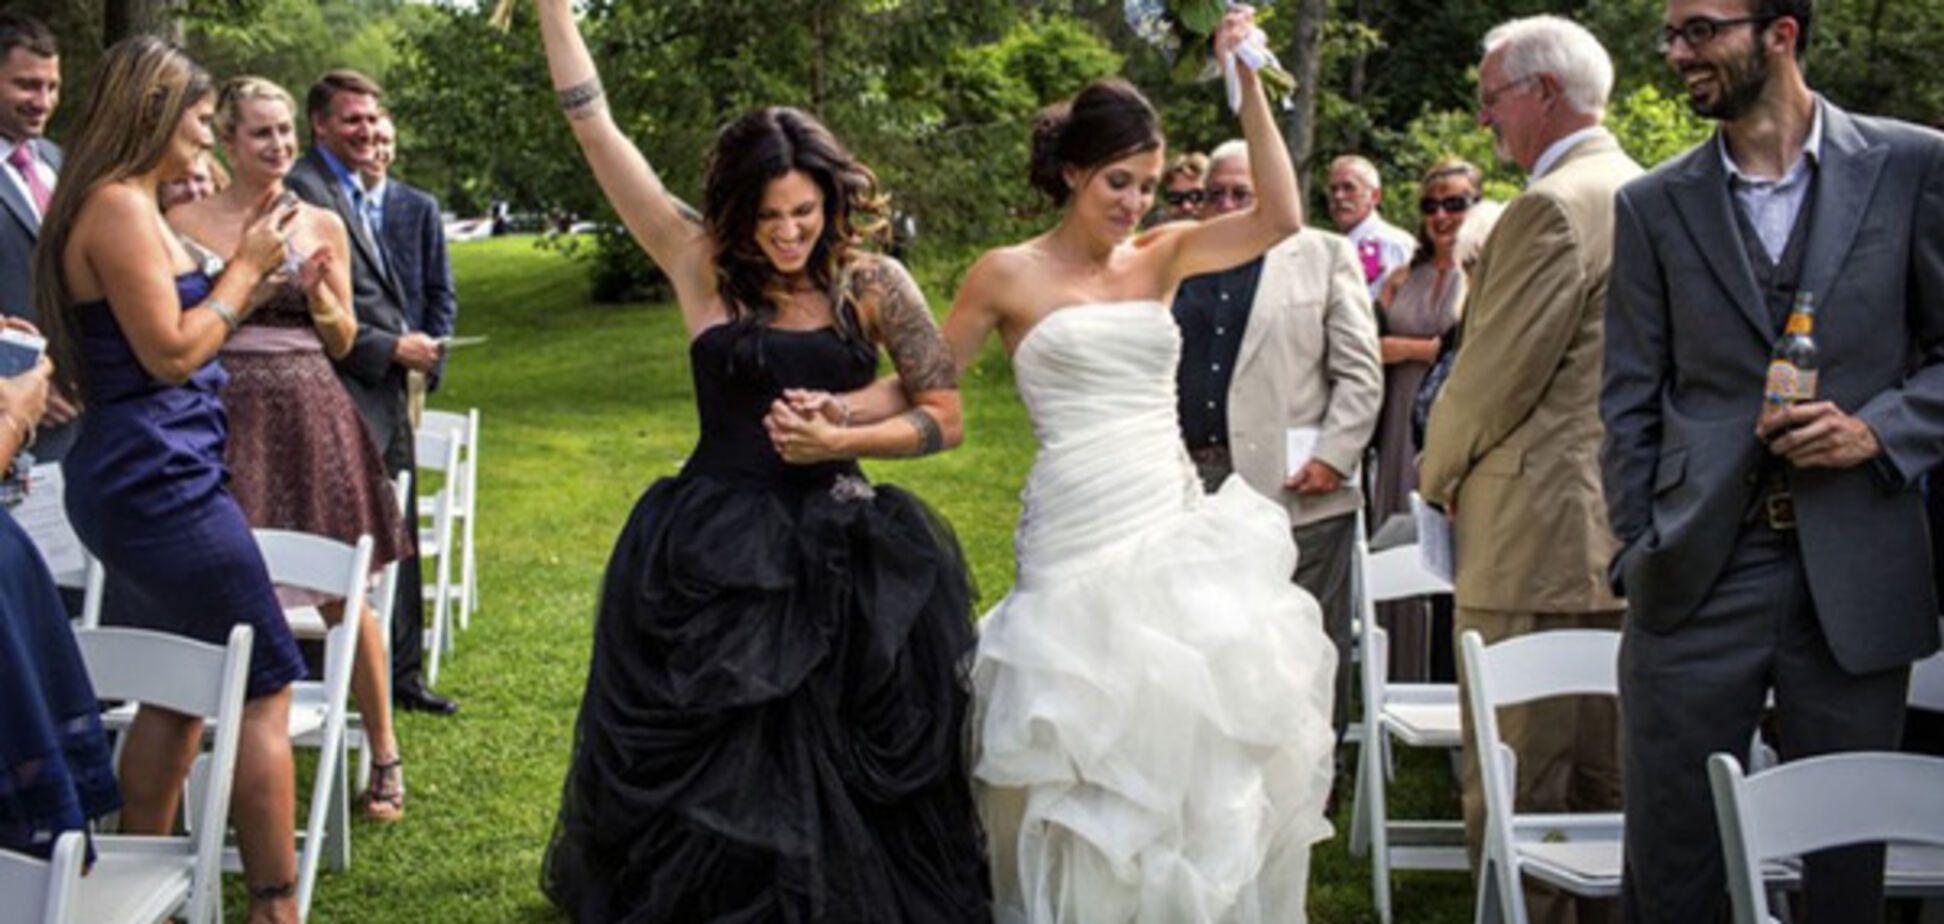 Свадебные церемонии гомосексуальных пар: эмоциональные фото